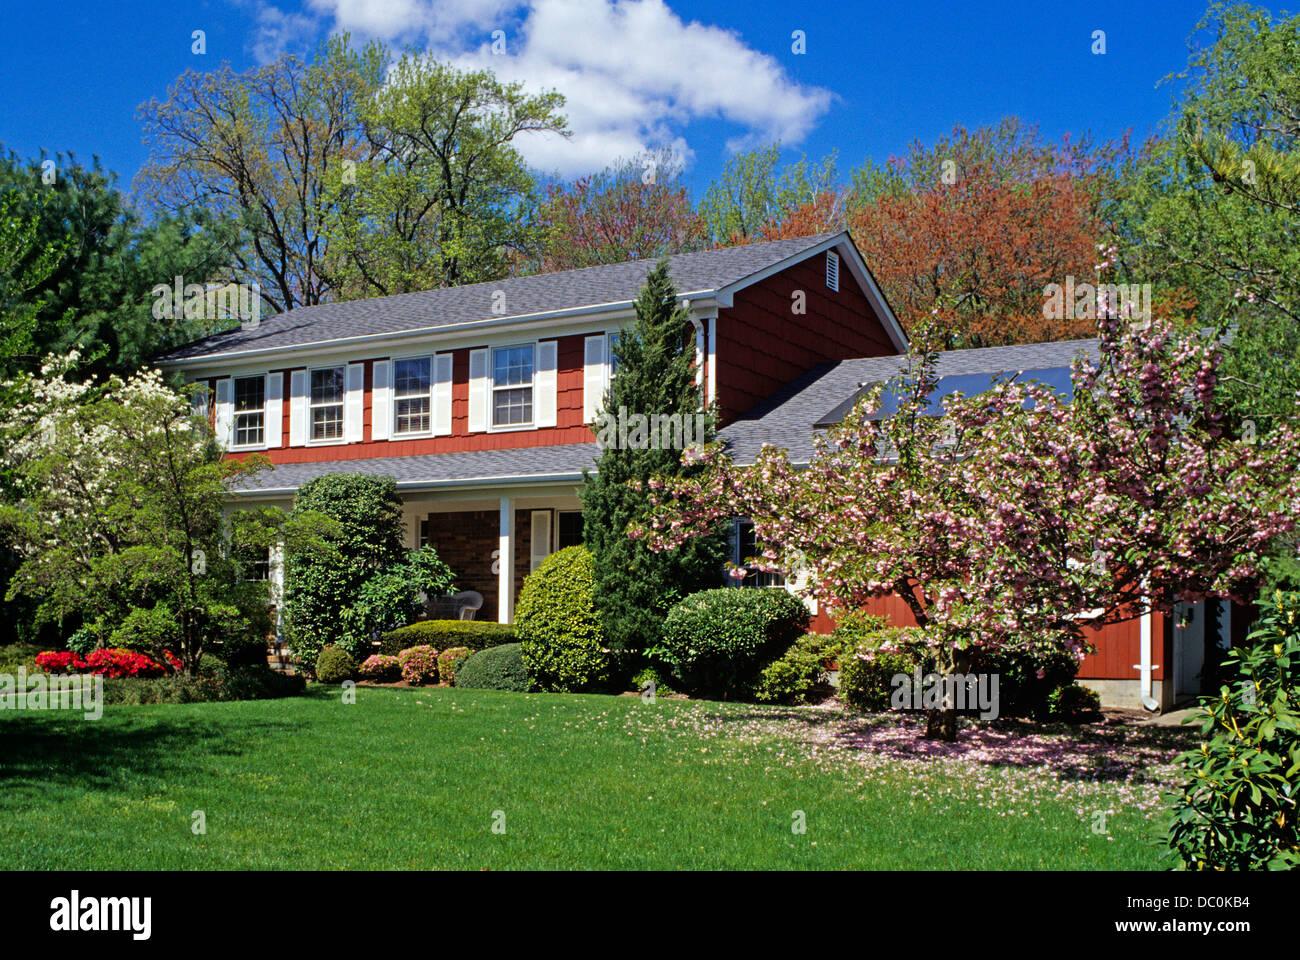 Des années 1990, maison rouge et buissons à fleurs au printemps Photo Stock